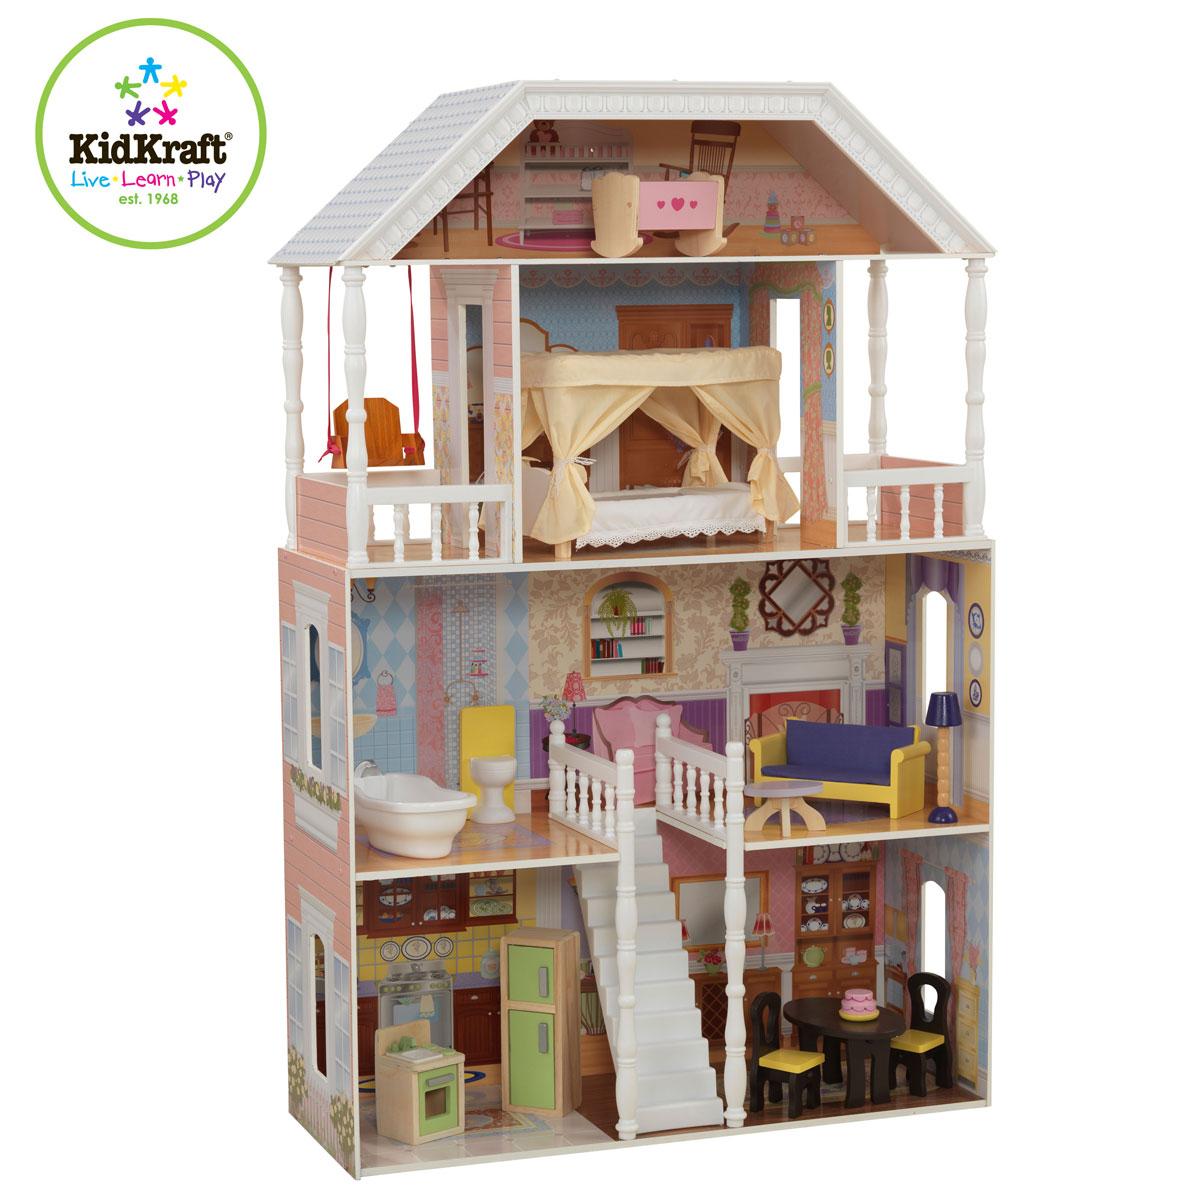 Groses Puppenhaus Aus Holz Von Eichhorn ~ Kidkraft Puppenhaus Savannah 65023 aus Holz